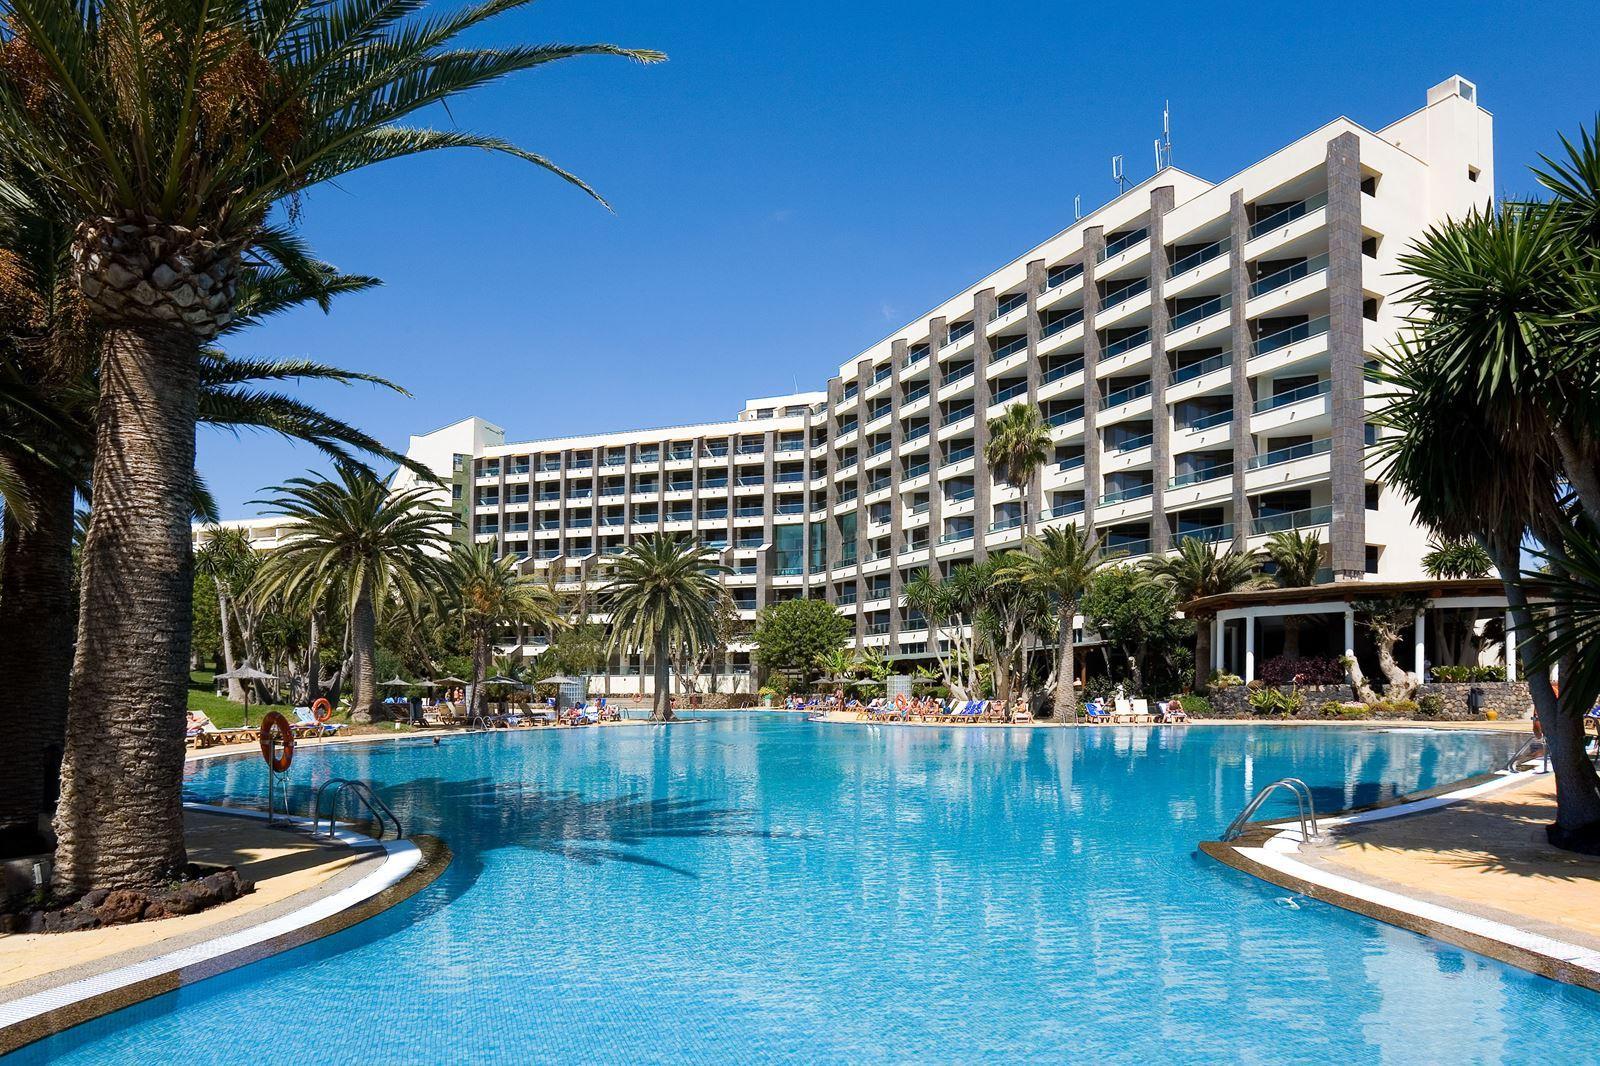 Melia Fuerteventura Hotel